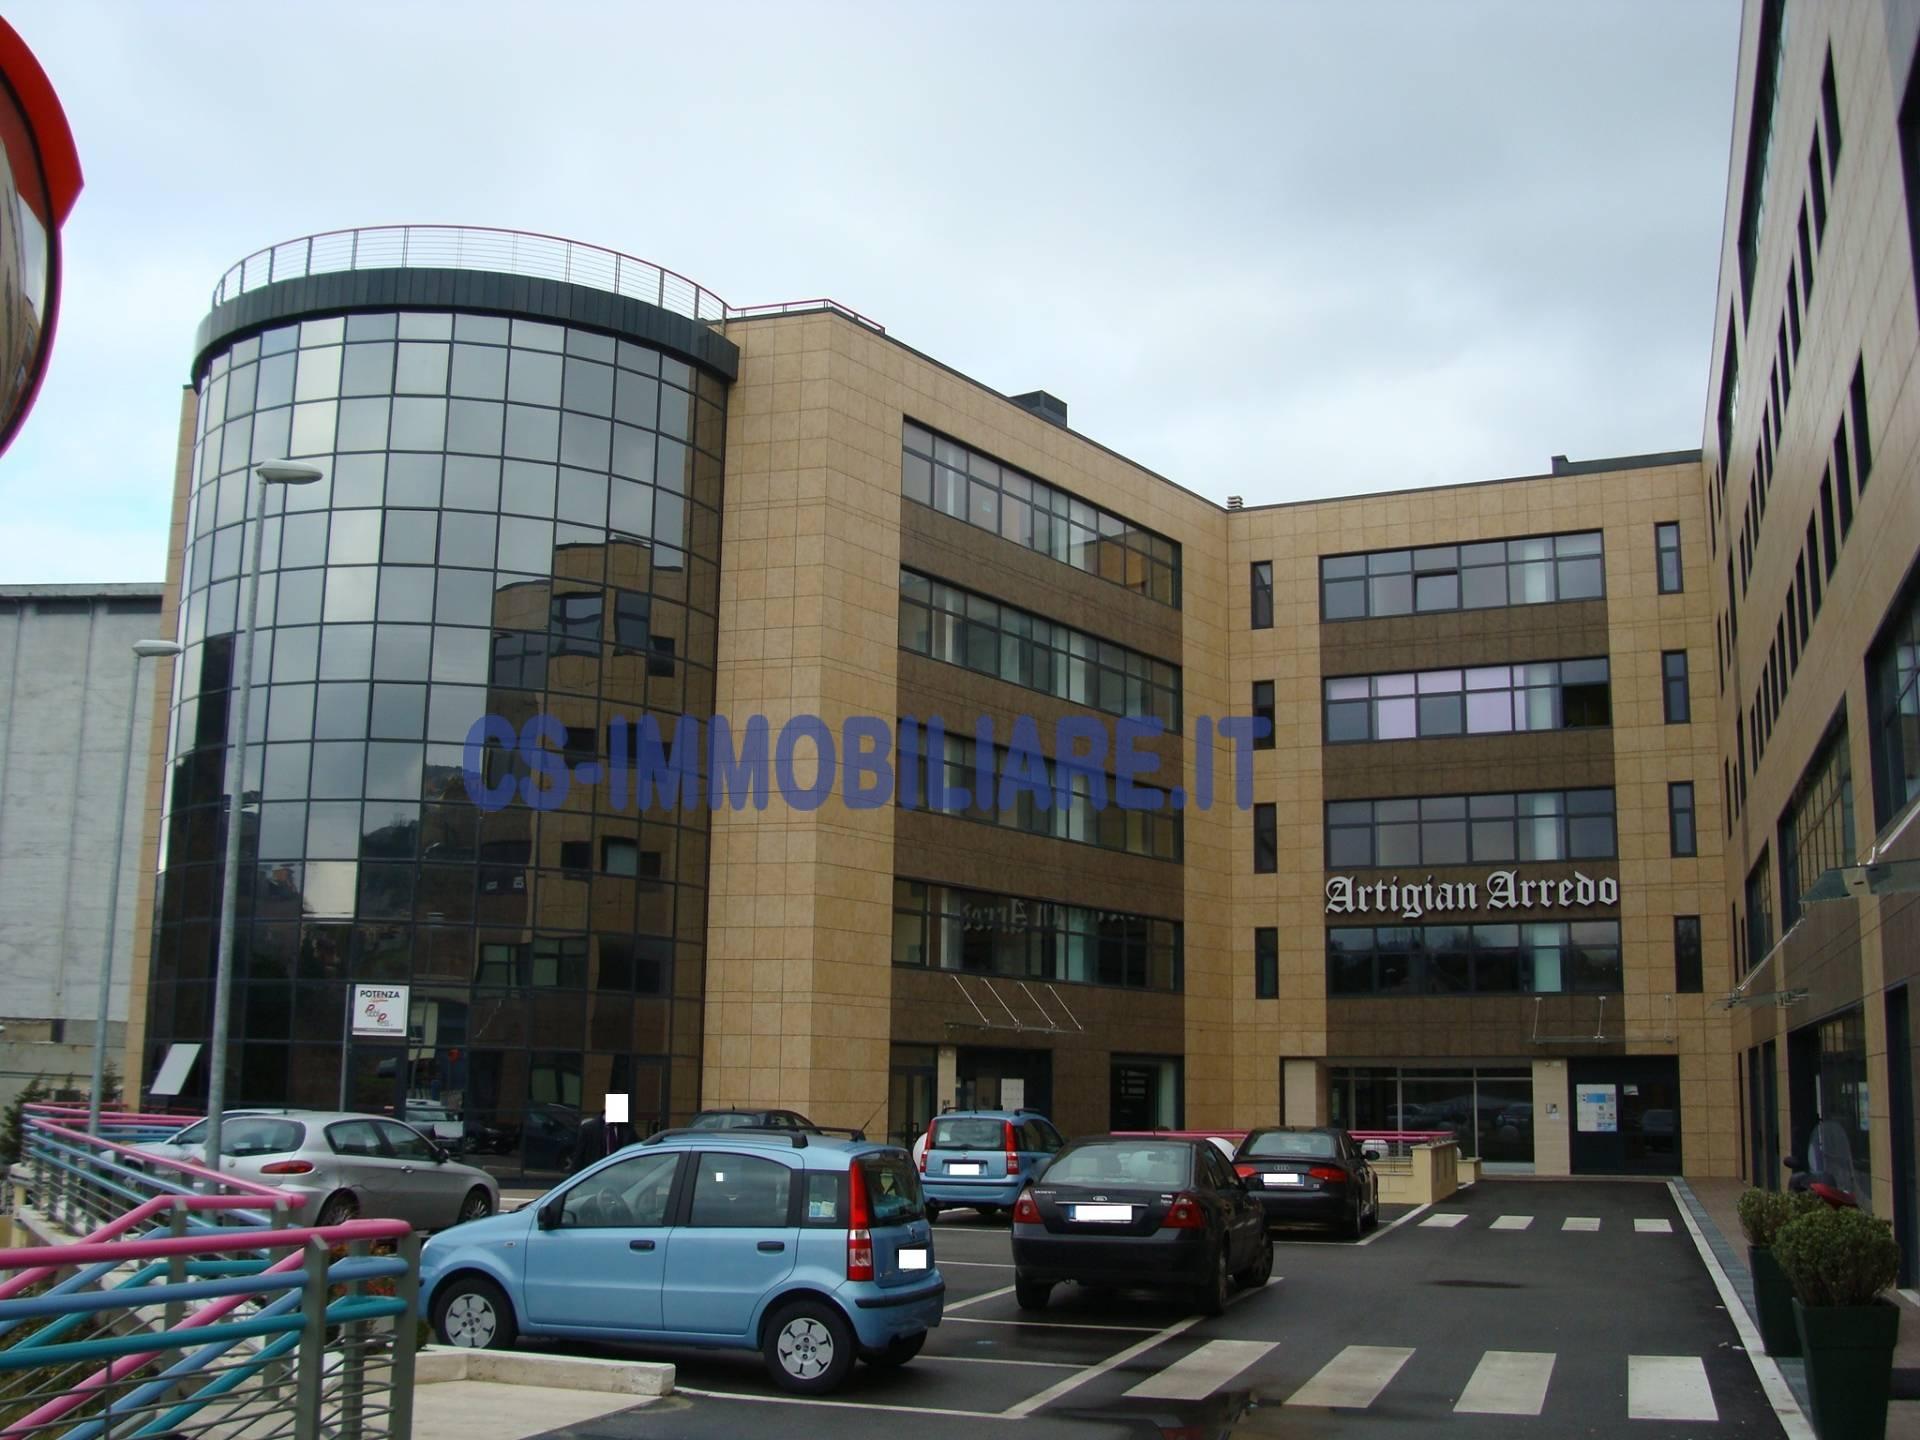 Ufficio diviso in ambienti/locali in affitto - 104 mq